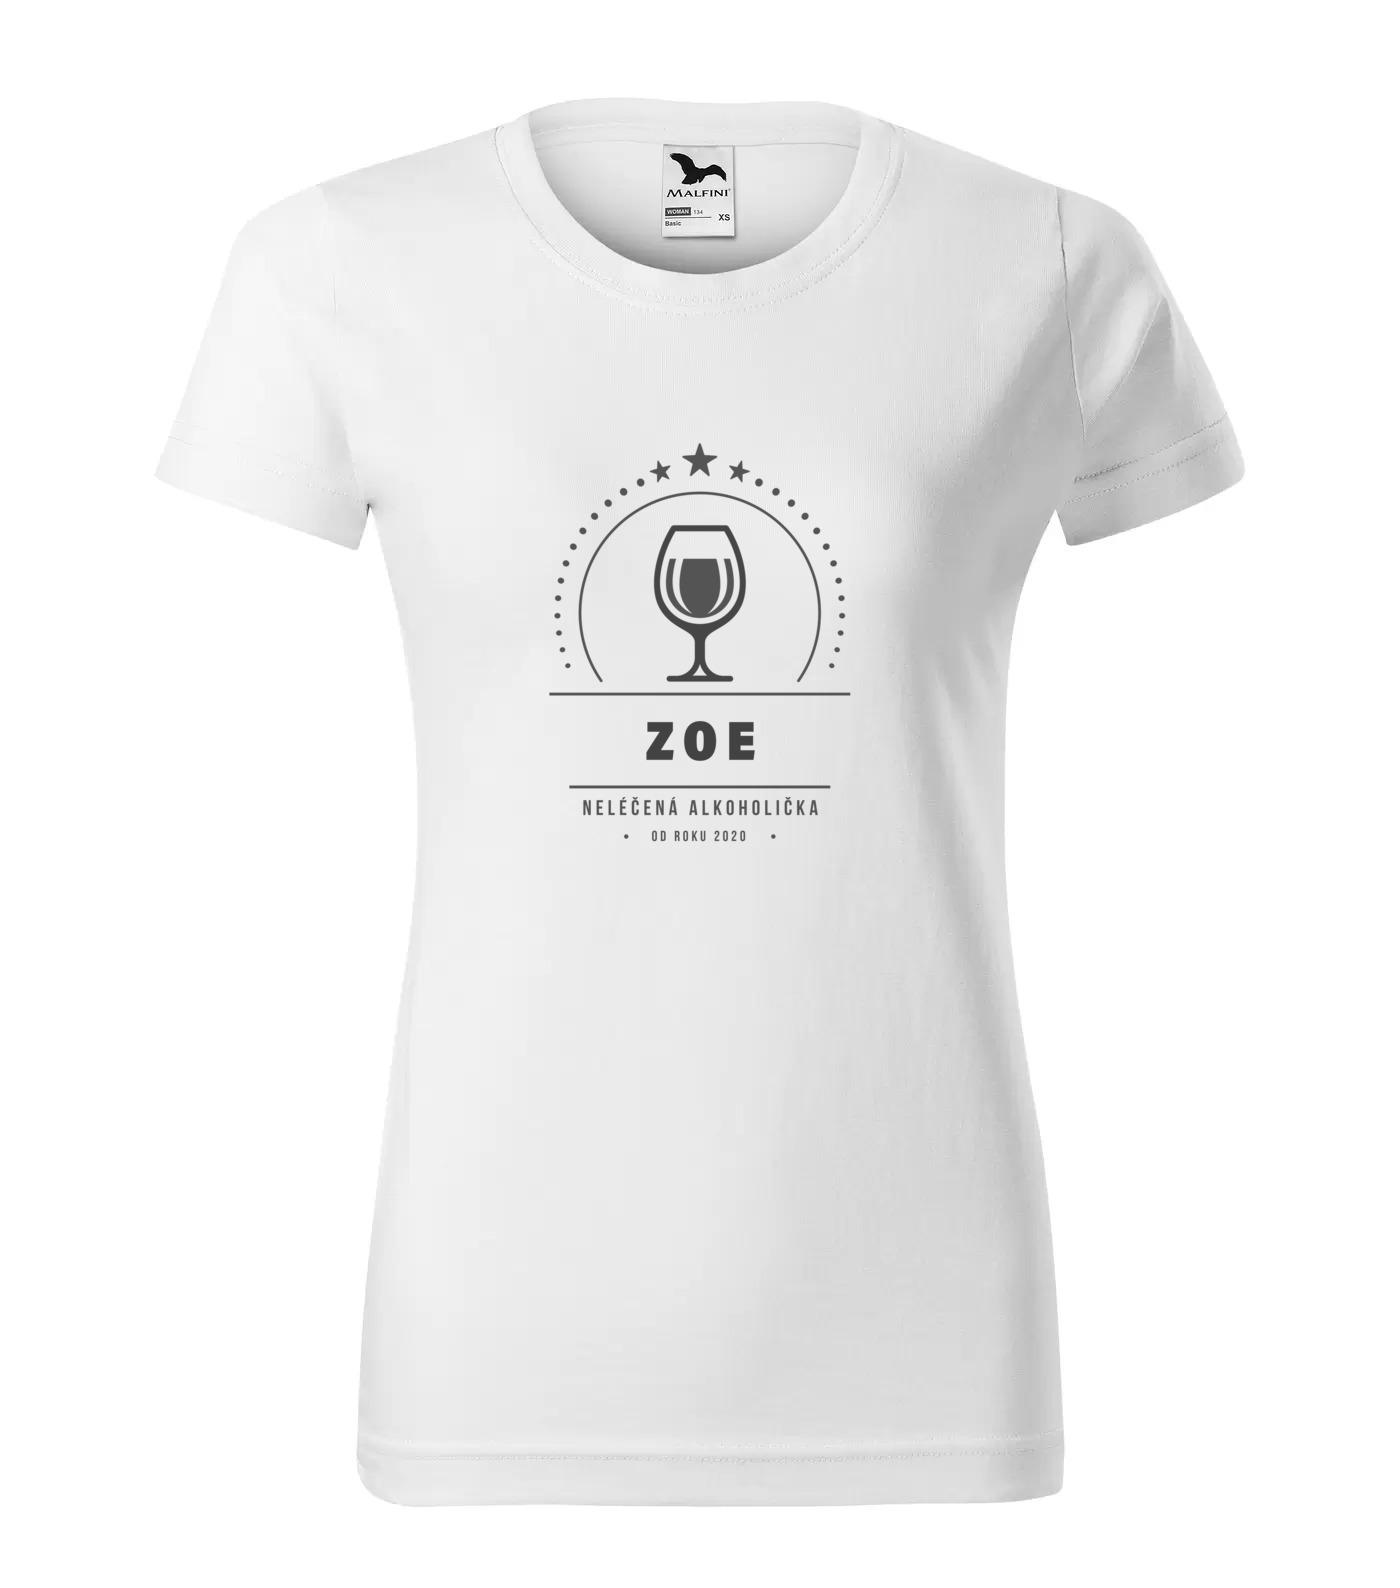 Tričko Alkoholička Zoe